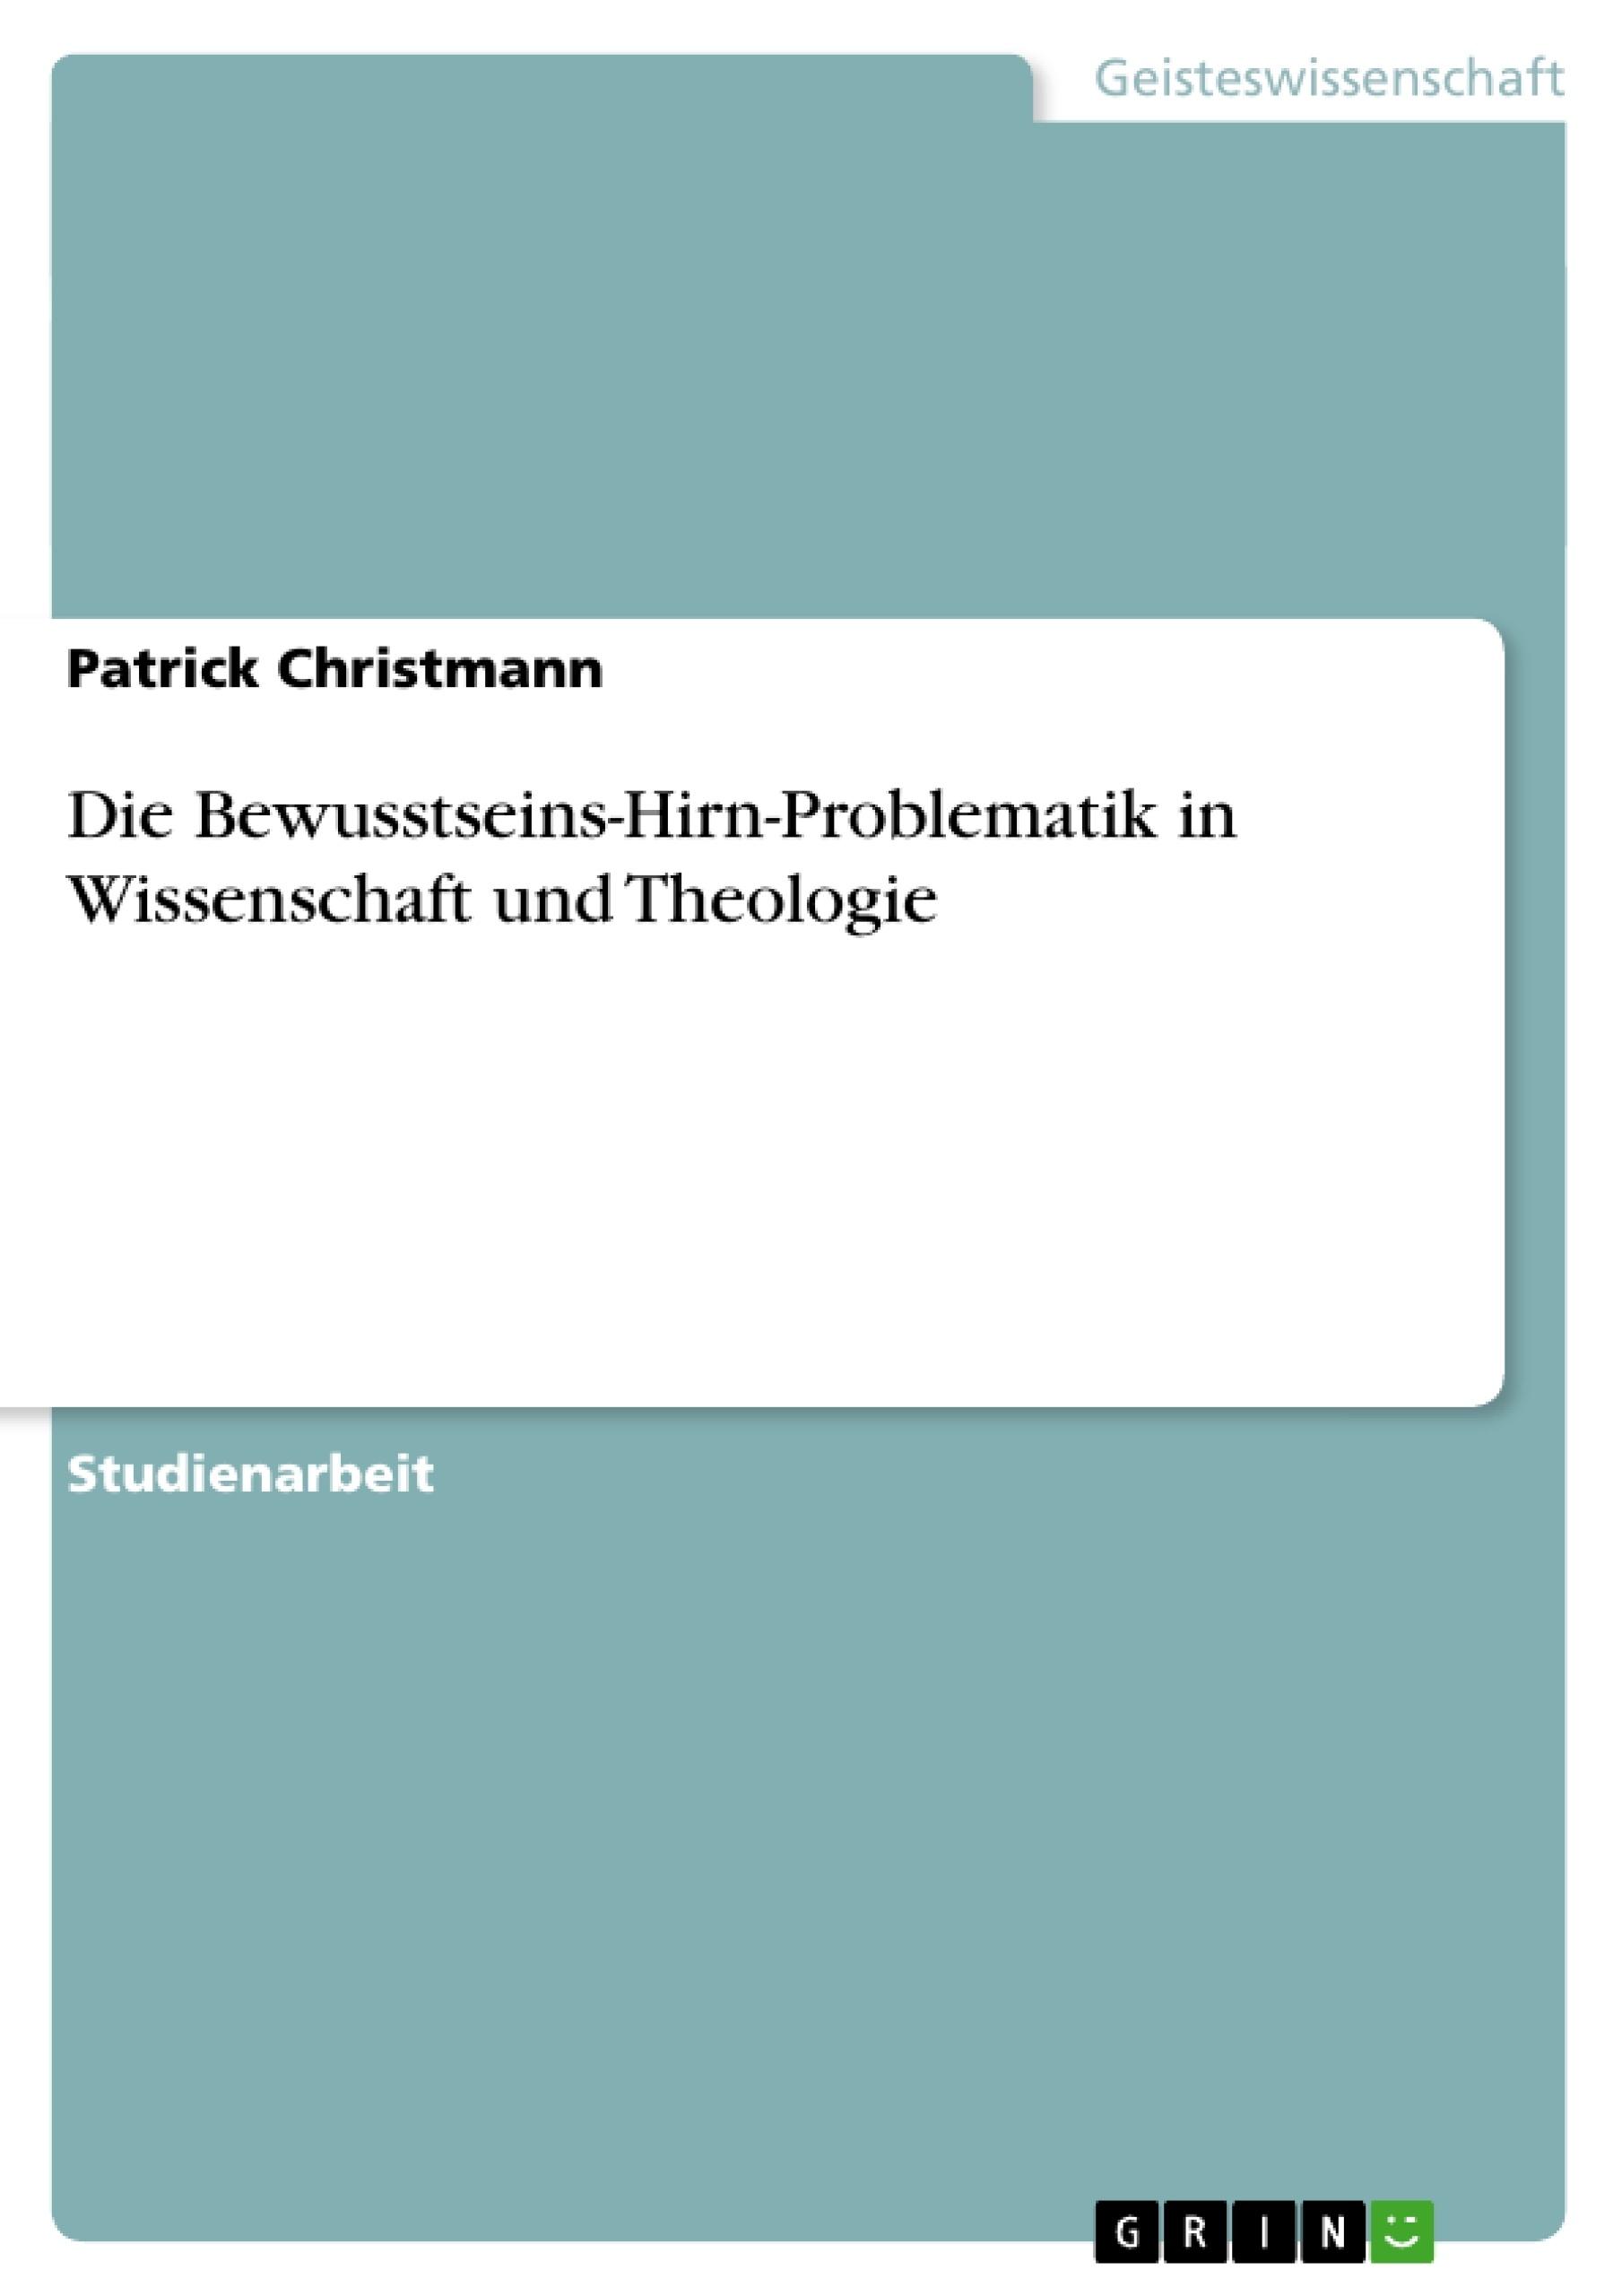 Titel: Die Bewusstseins-Hirn-Problematik in Wissenschaft und Theologie